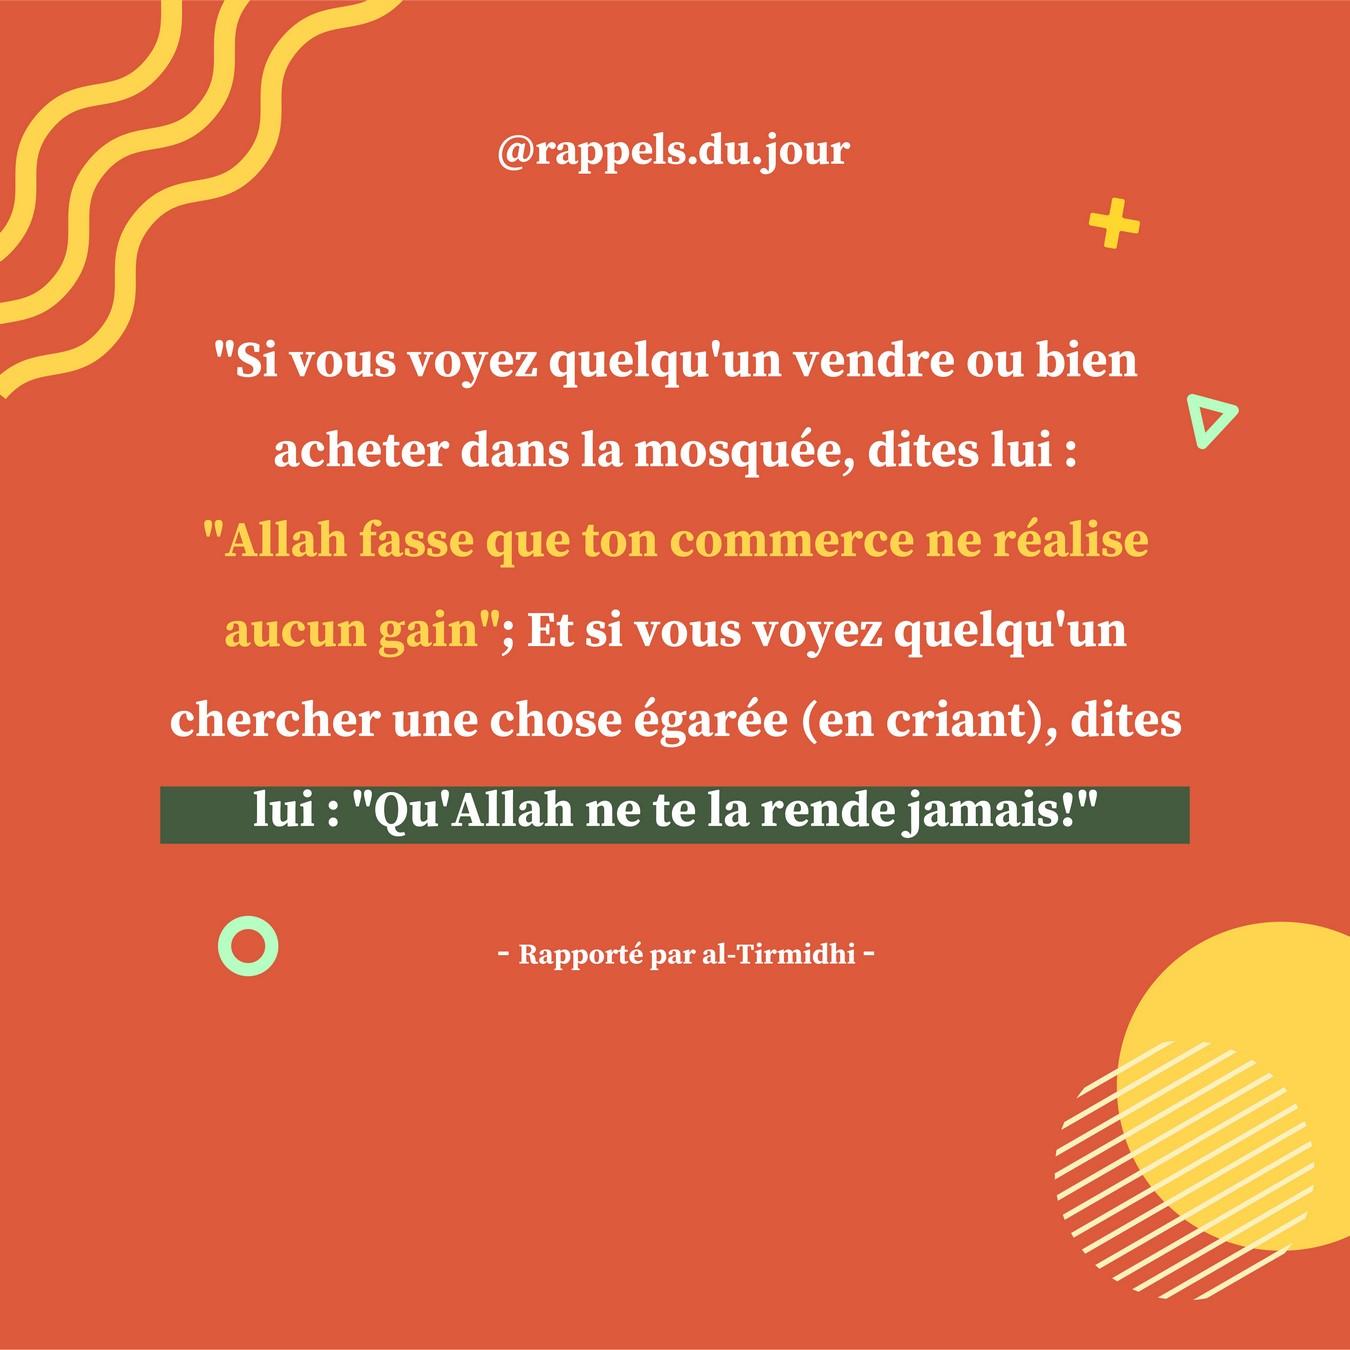 Hadith Abu Hurayra - Celui qui entend quelqu'un crier dans la mosquée ou vendre